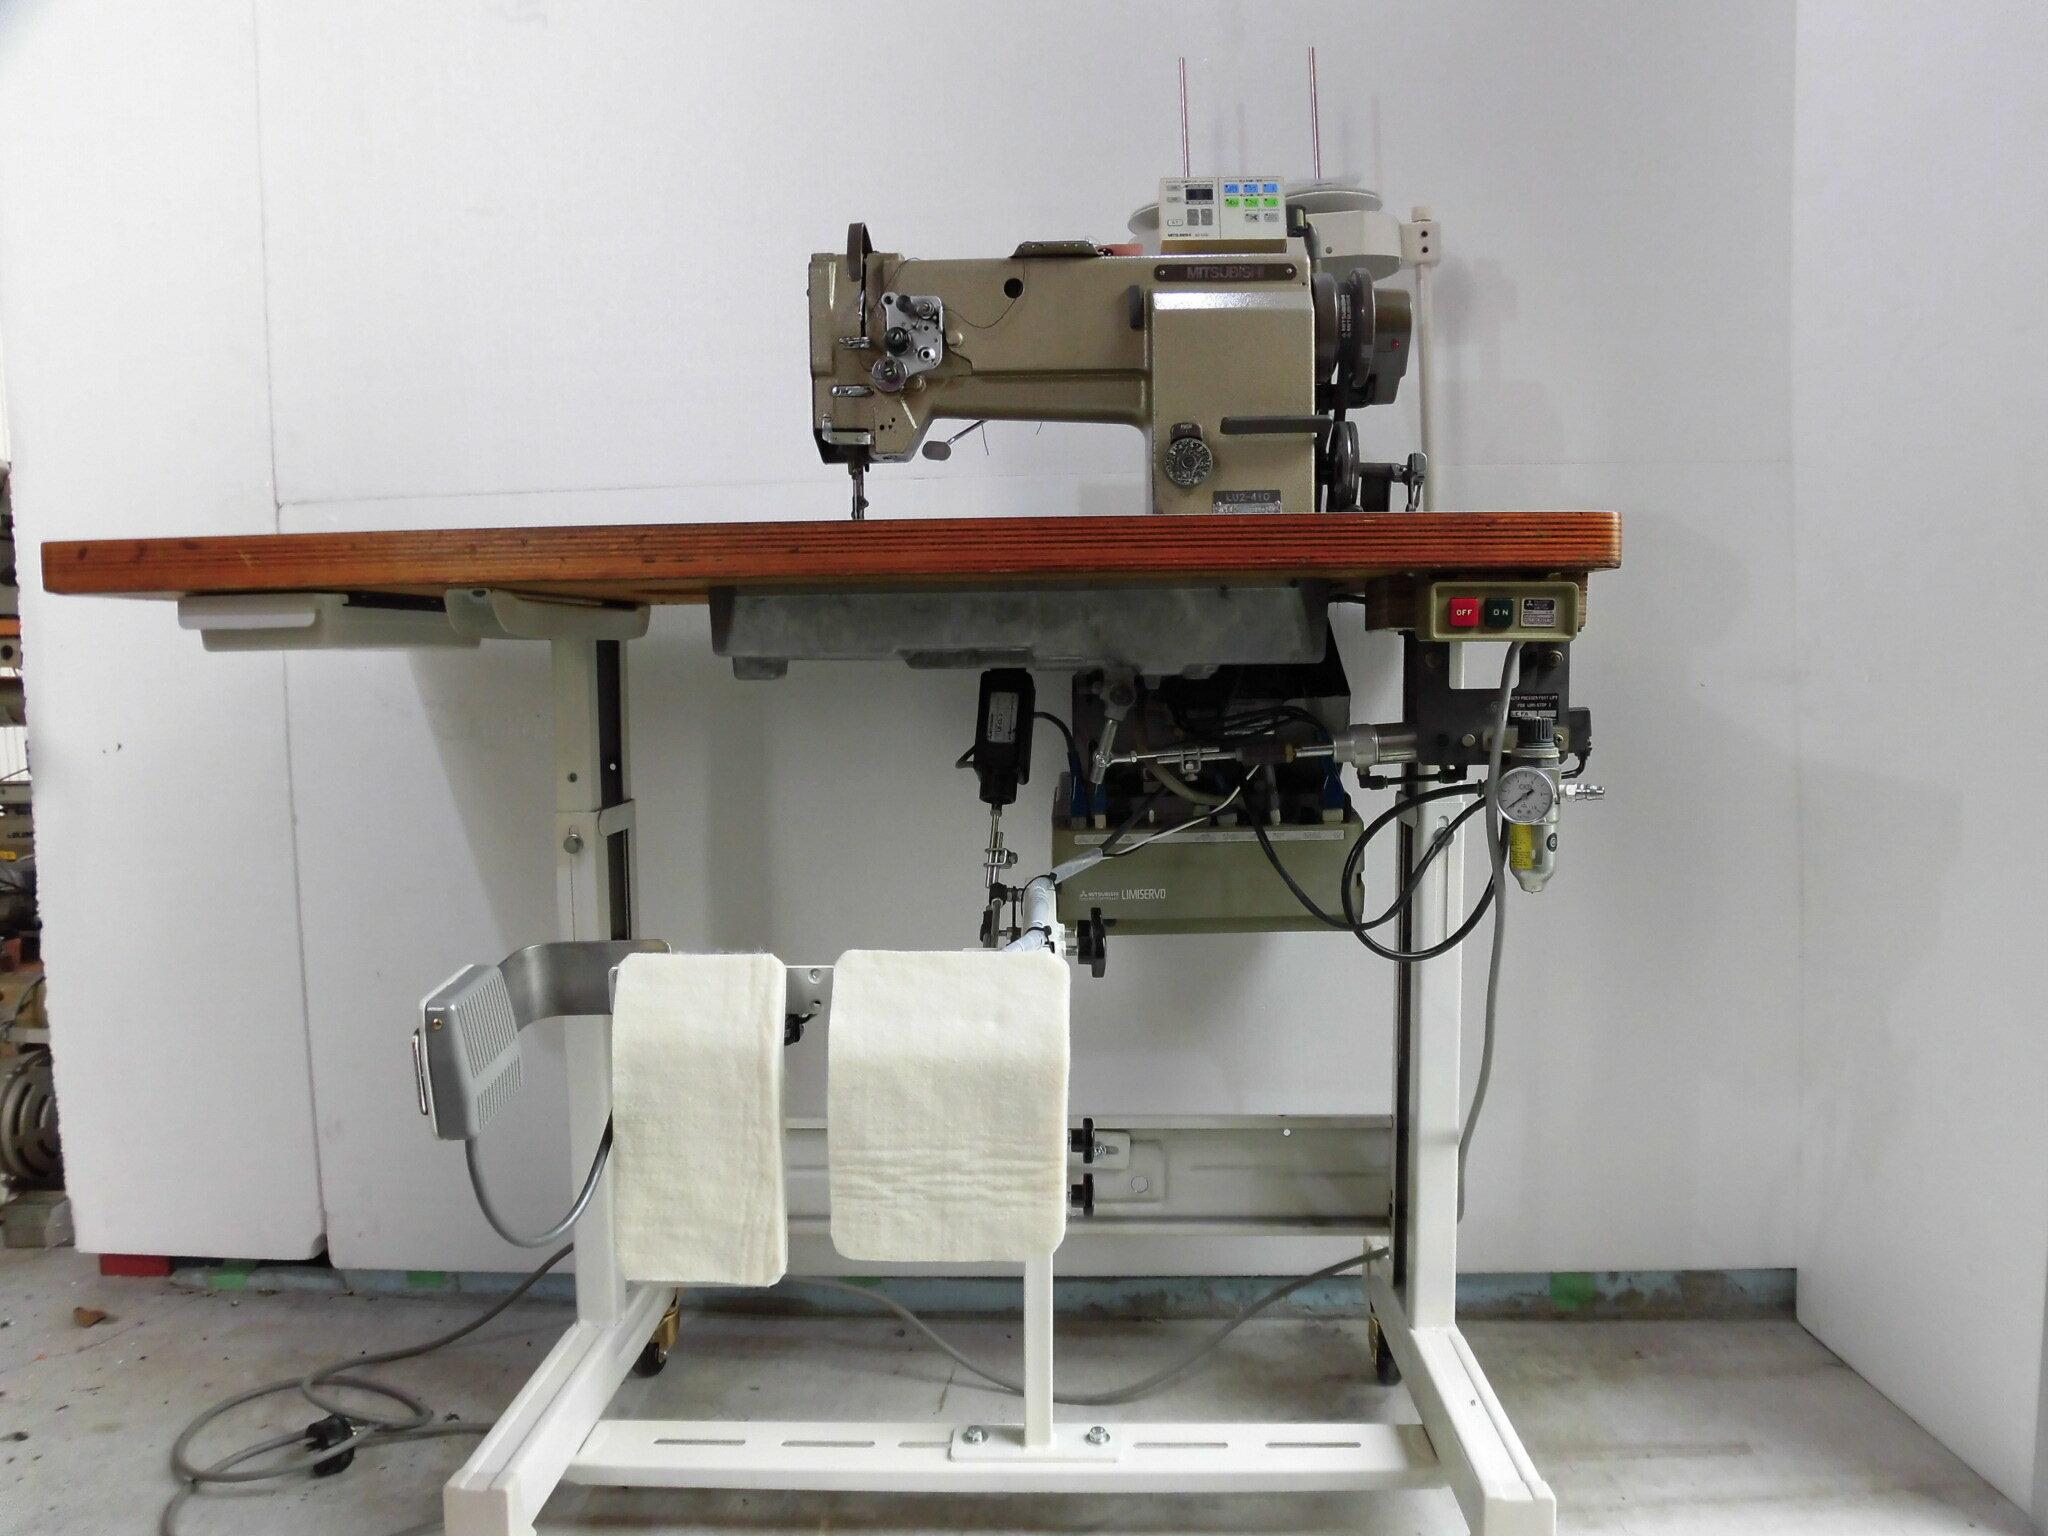 【中古】SSM-1532 立ミシン仕様 三菱 MITSUBISHI ミツビシ 三菱ミシンLU2-410 1本針本縫いミシン総合送り機構自動糸切ミシン、エアー式押さえ機能付き。三相200V仕様です。100V仕様が必要なお客様はご相談ください。